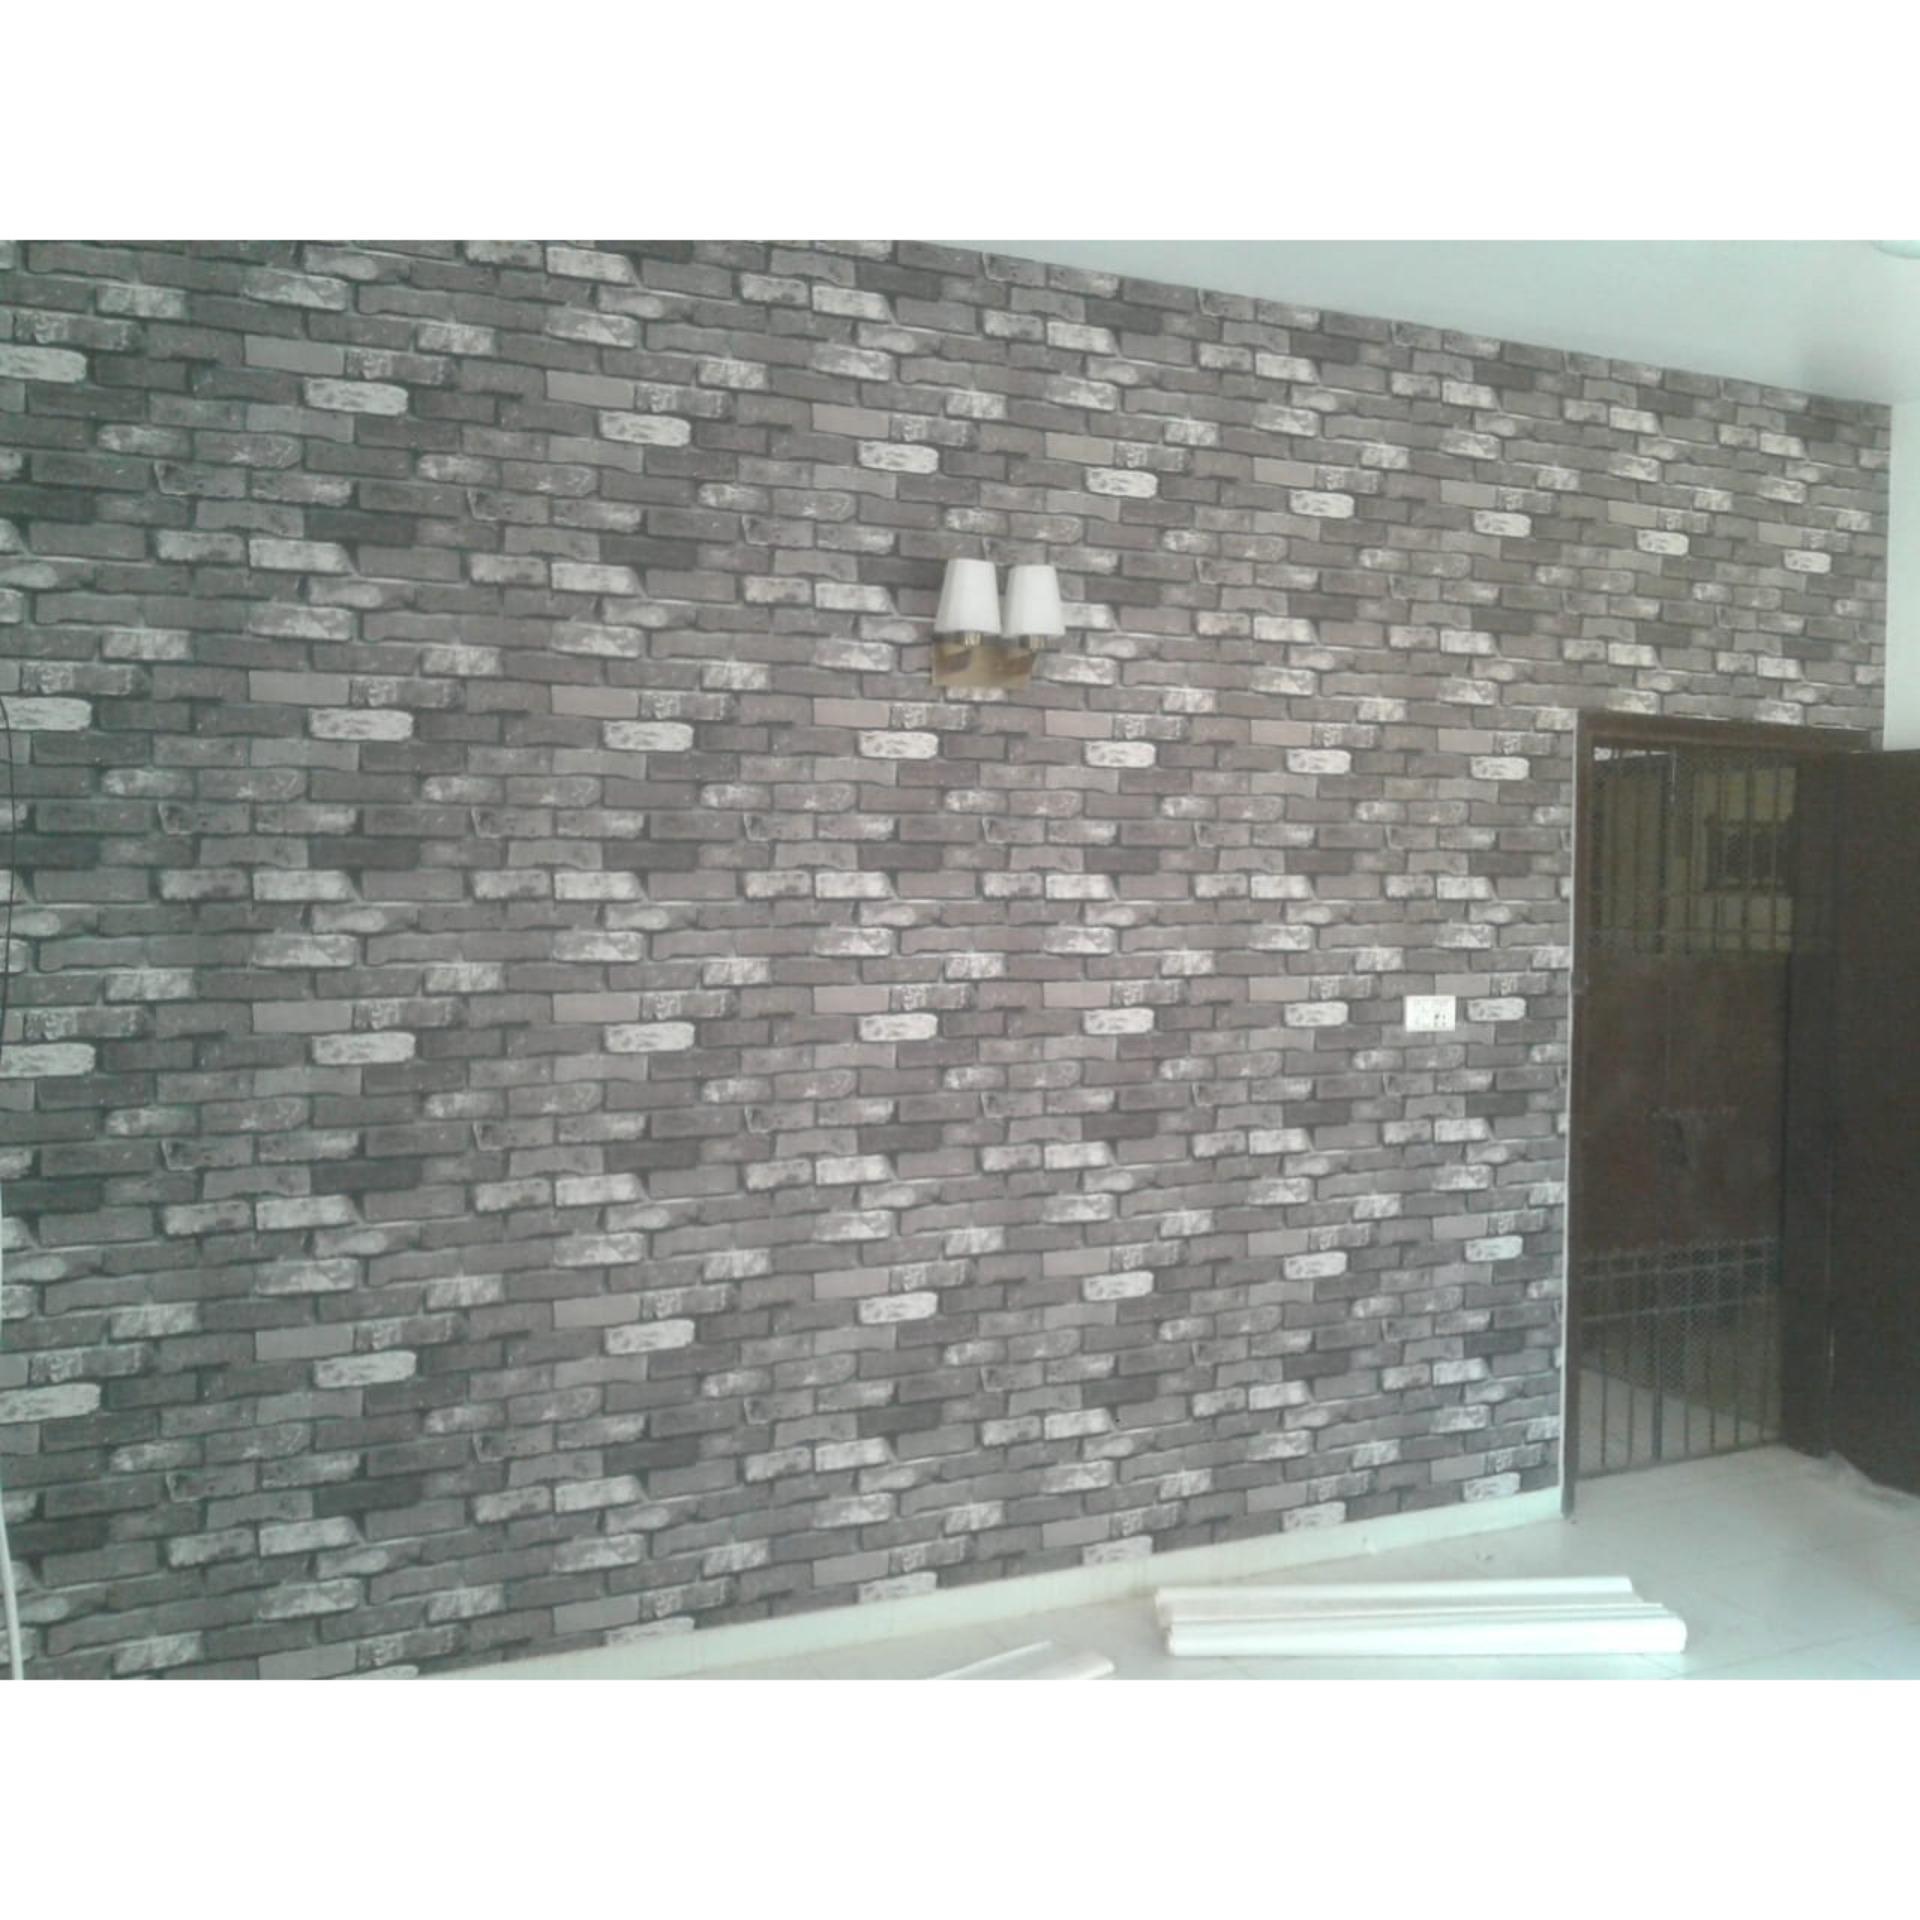 3d bricks light gray wallpaper wall paper